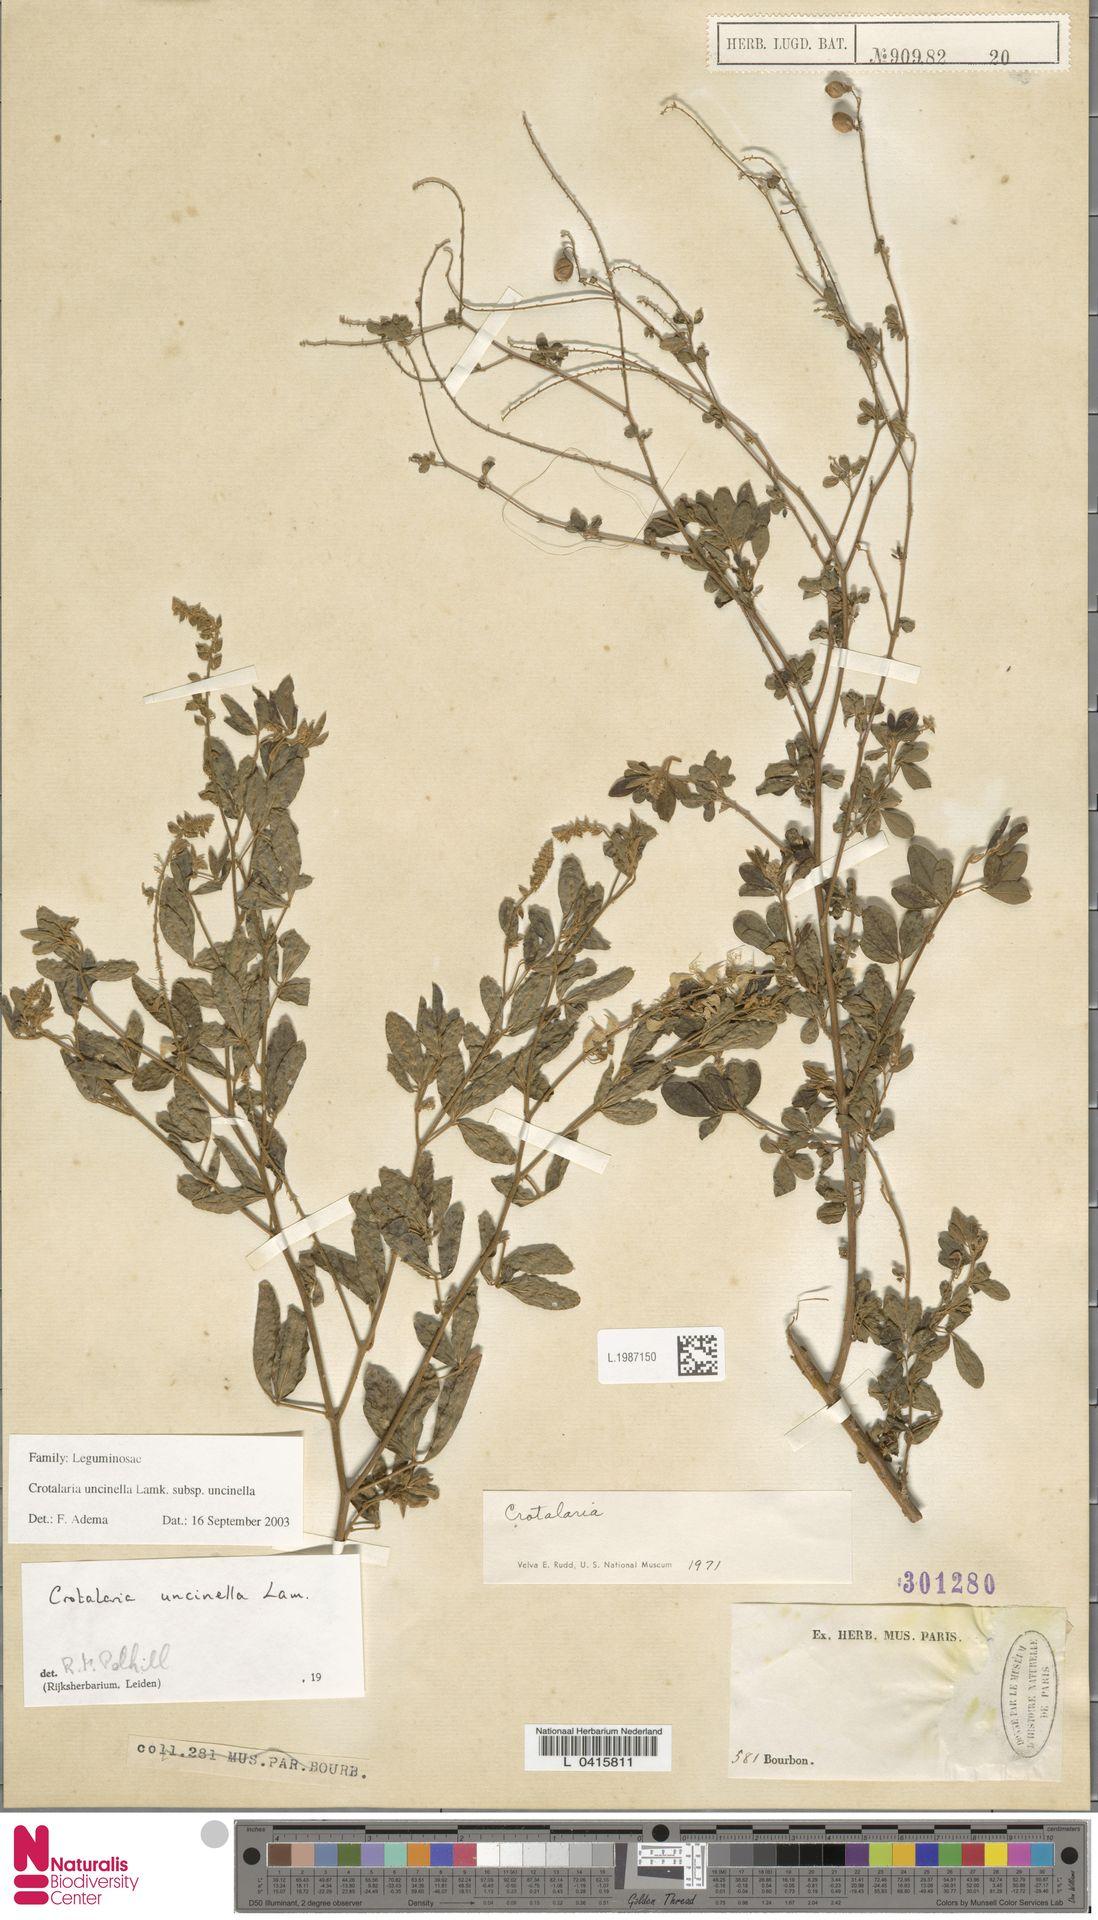 L.1987150   Crotalaria uncinella subsp. uncinella